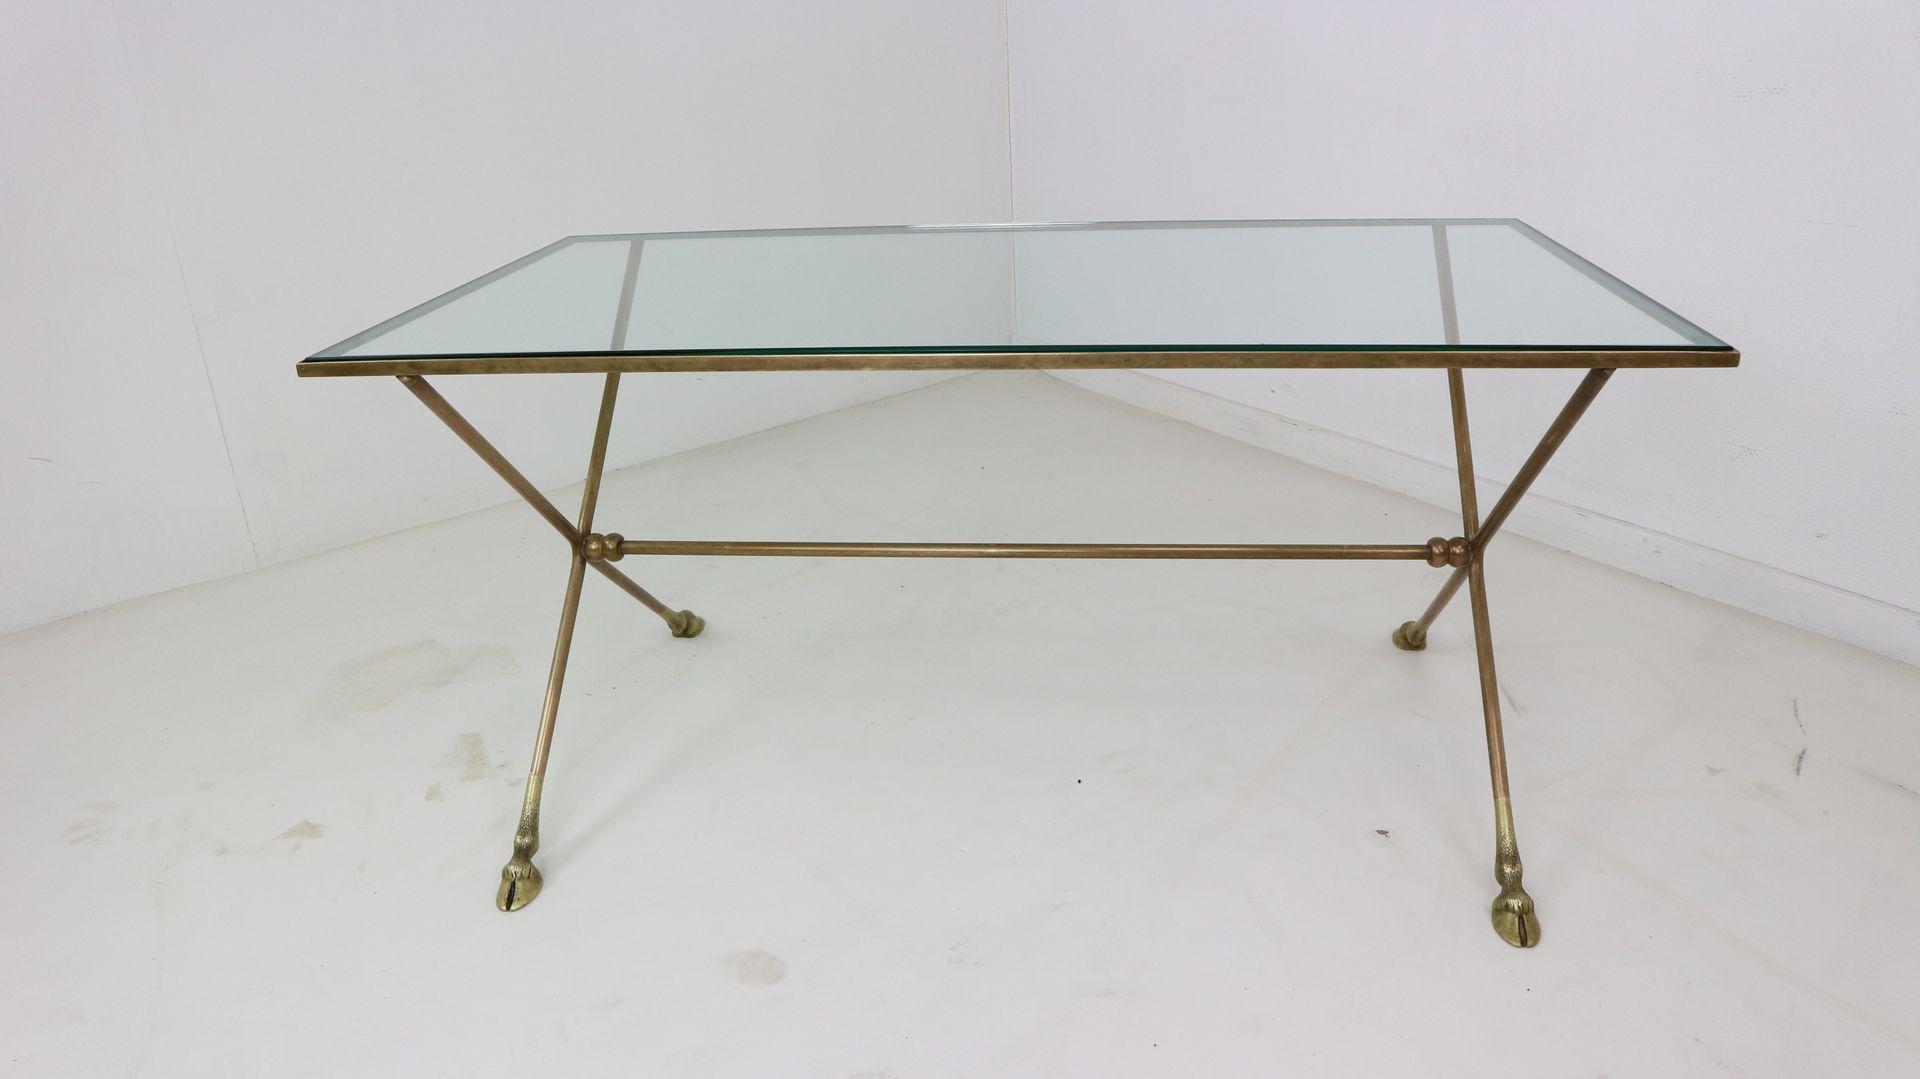 Französischer Glas & Metall Couchtisch, 1950er